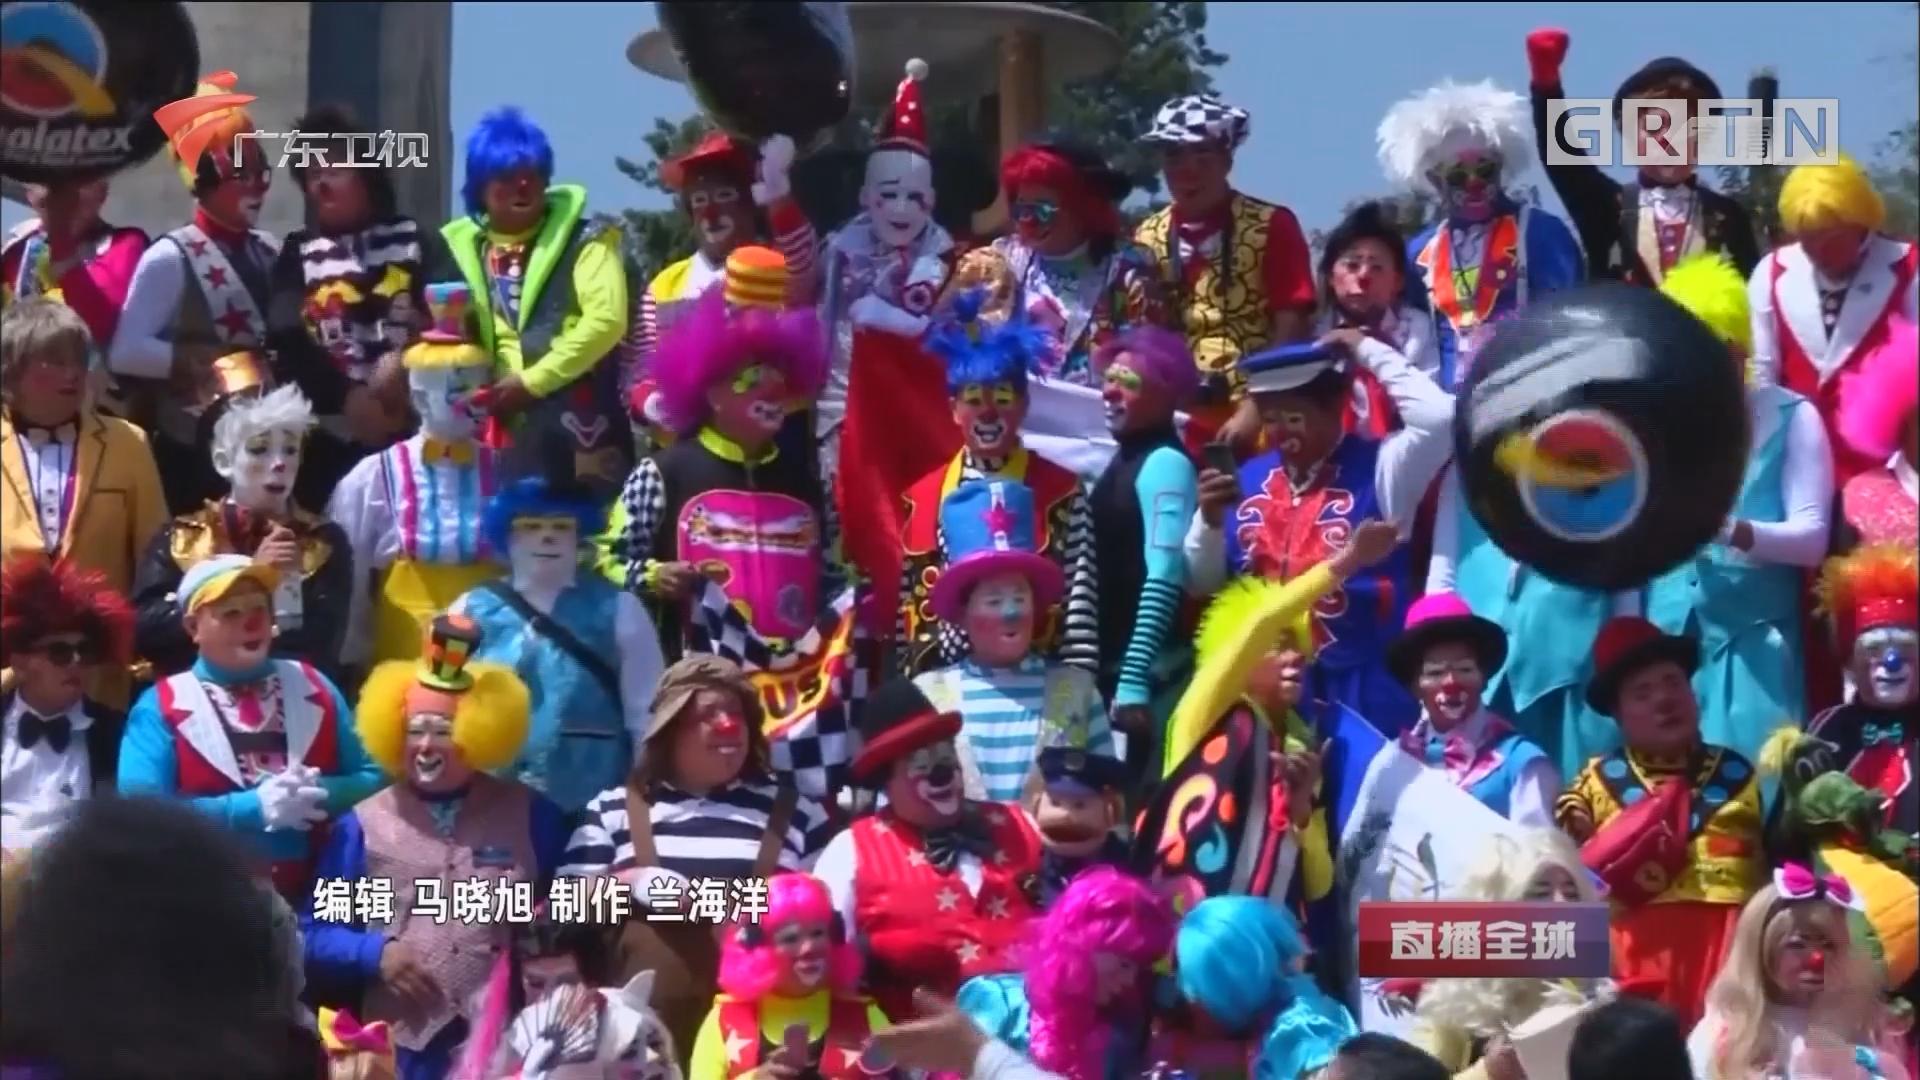 墨西哥举行国际小丑节:400余名小丑云集 尽情狂欢